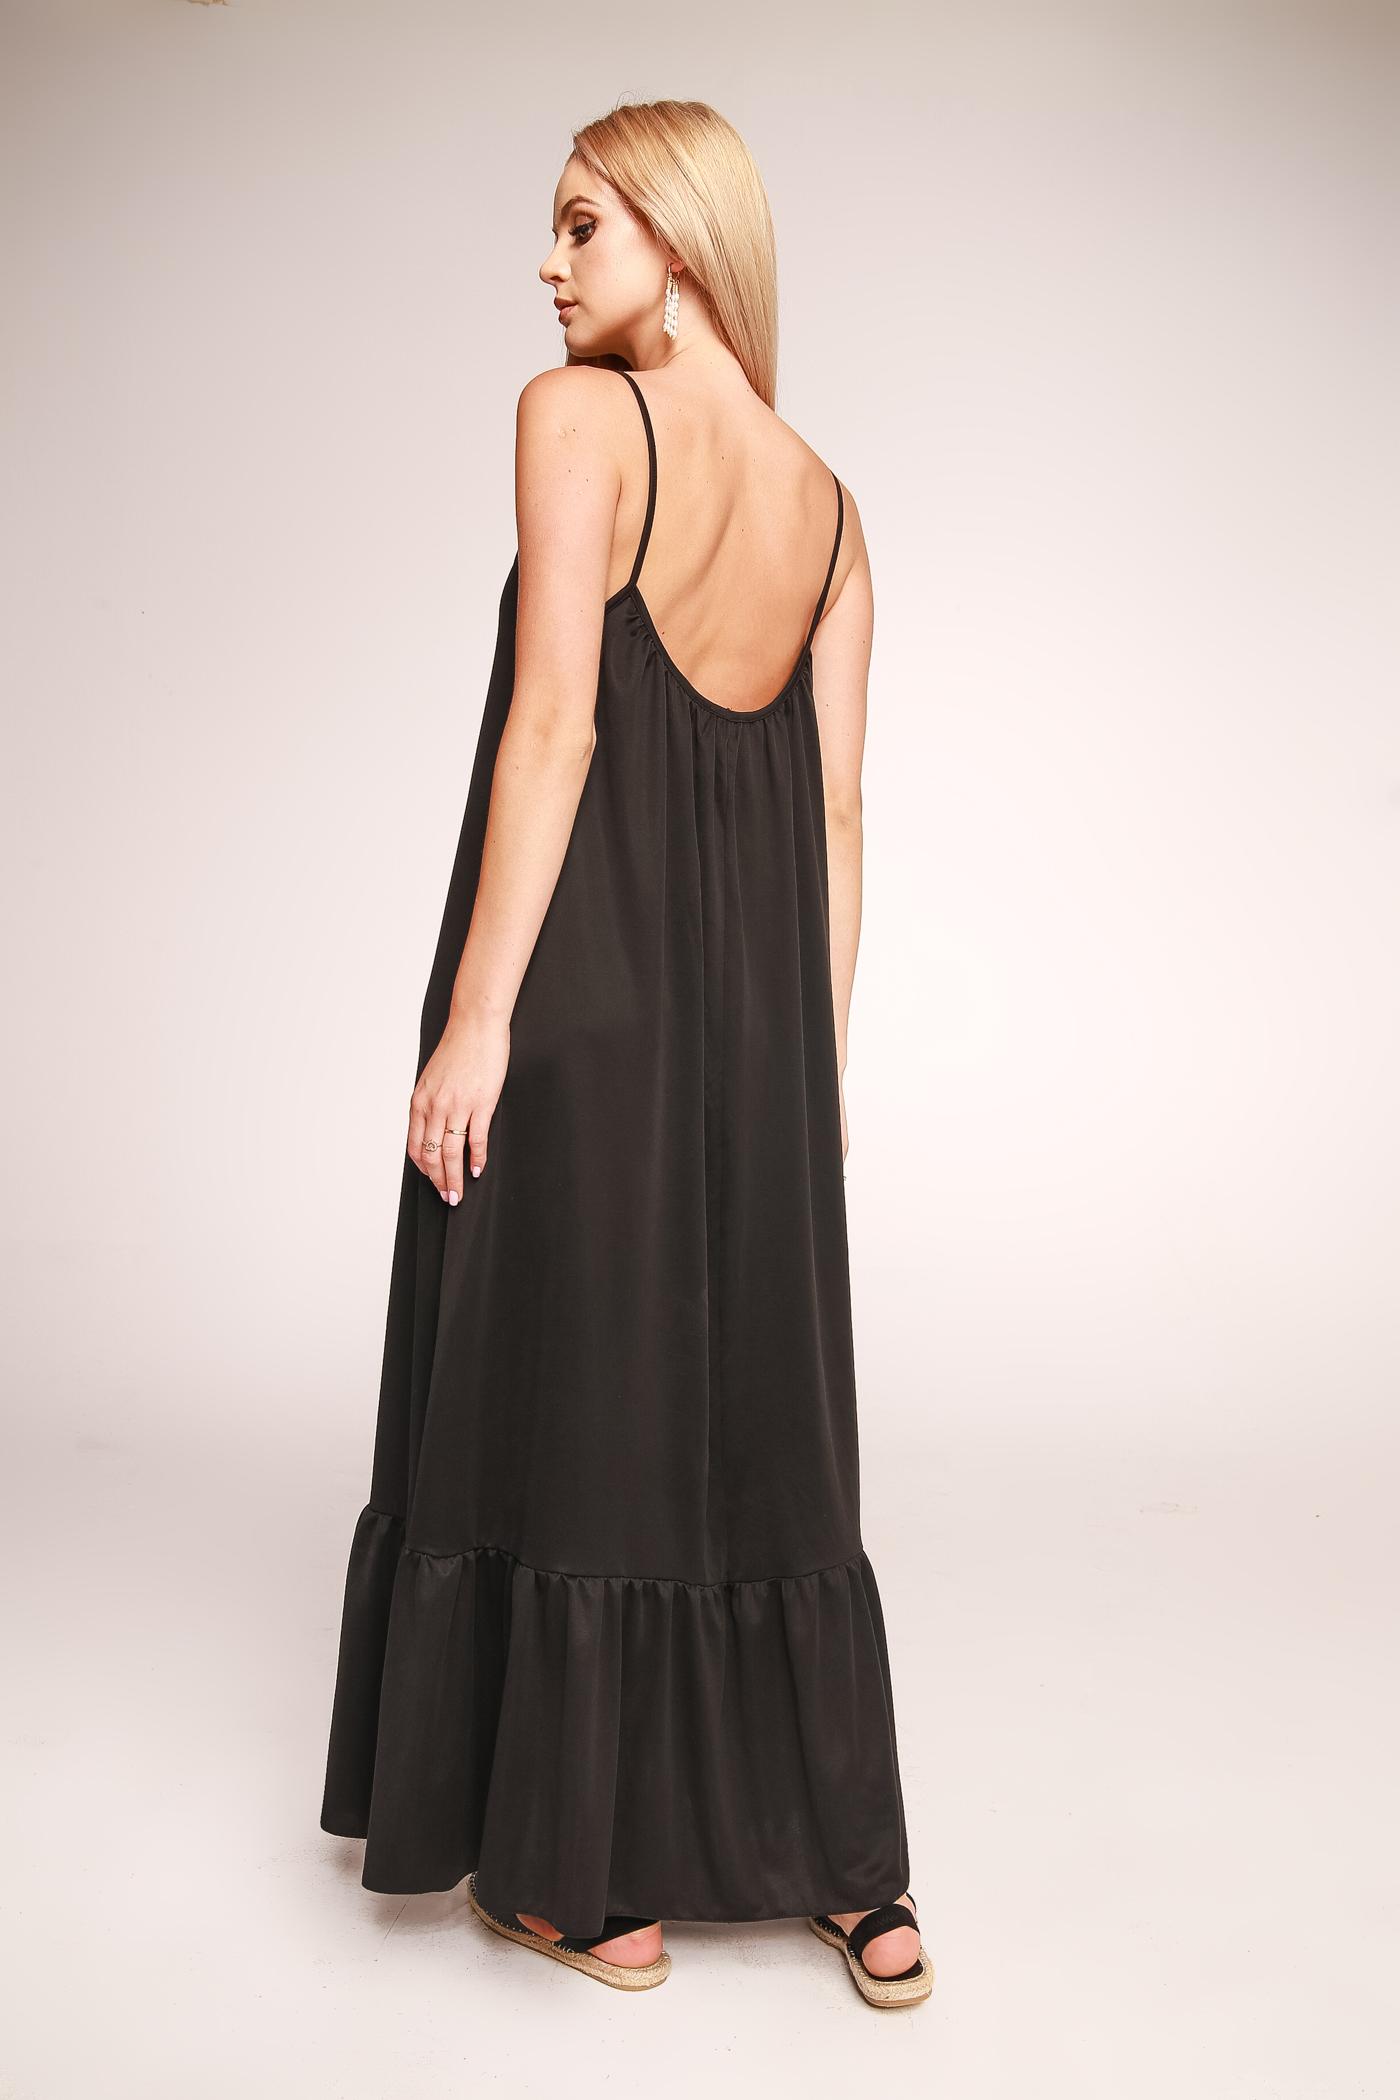 Długa czarna sukienka maxi na ramiączka z odkrytymi plecami PARADISE